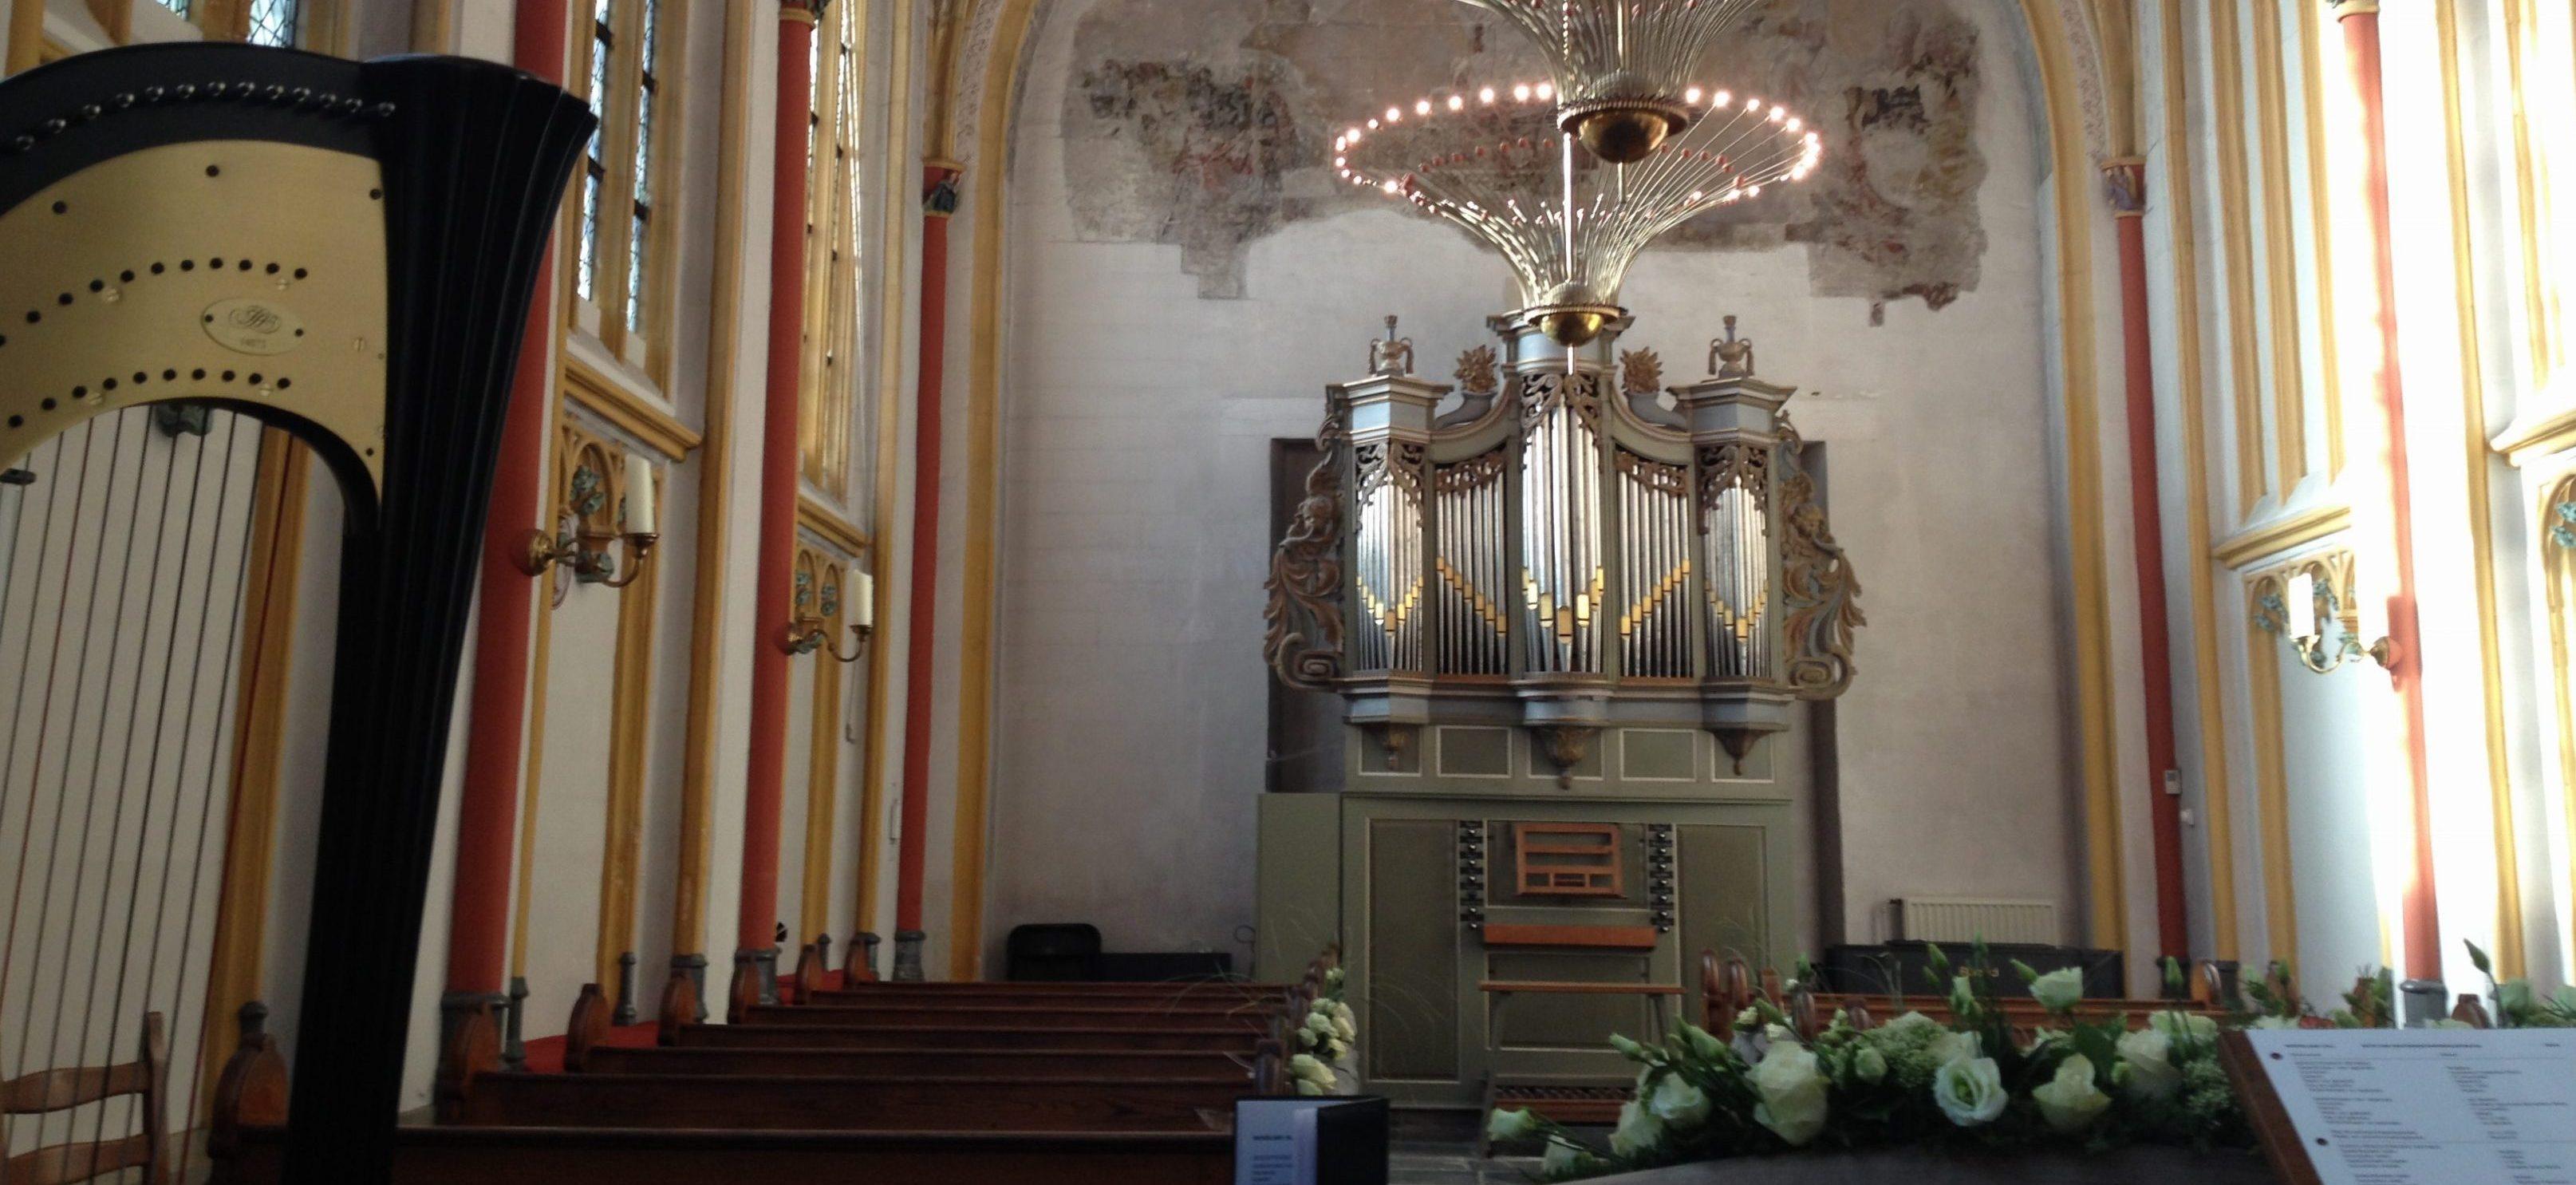 Bruiloft harpiste Nanja speelt tijdens ceremonie Cellebroederskapel Maastricht